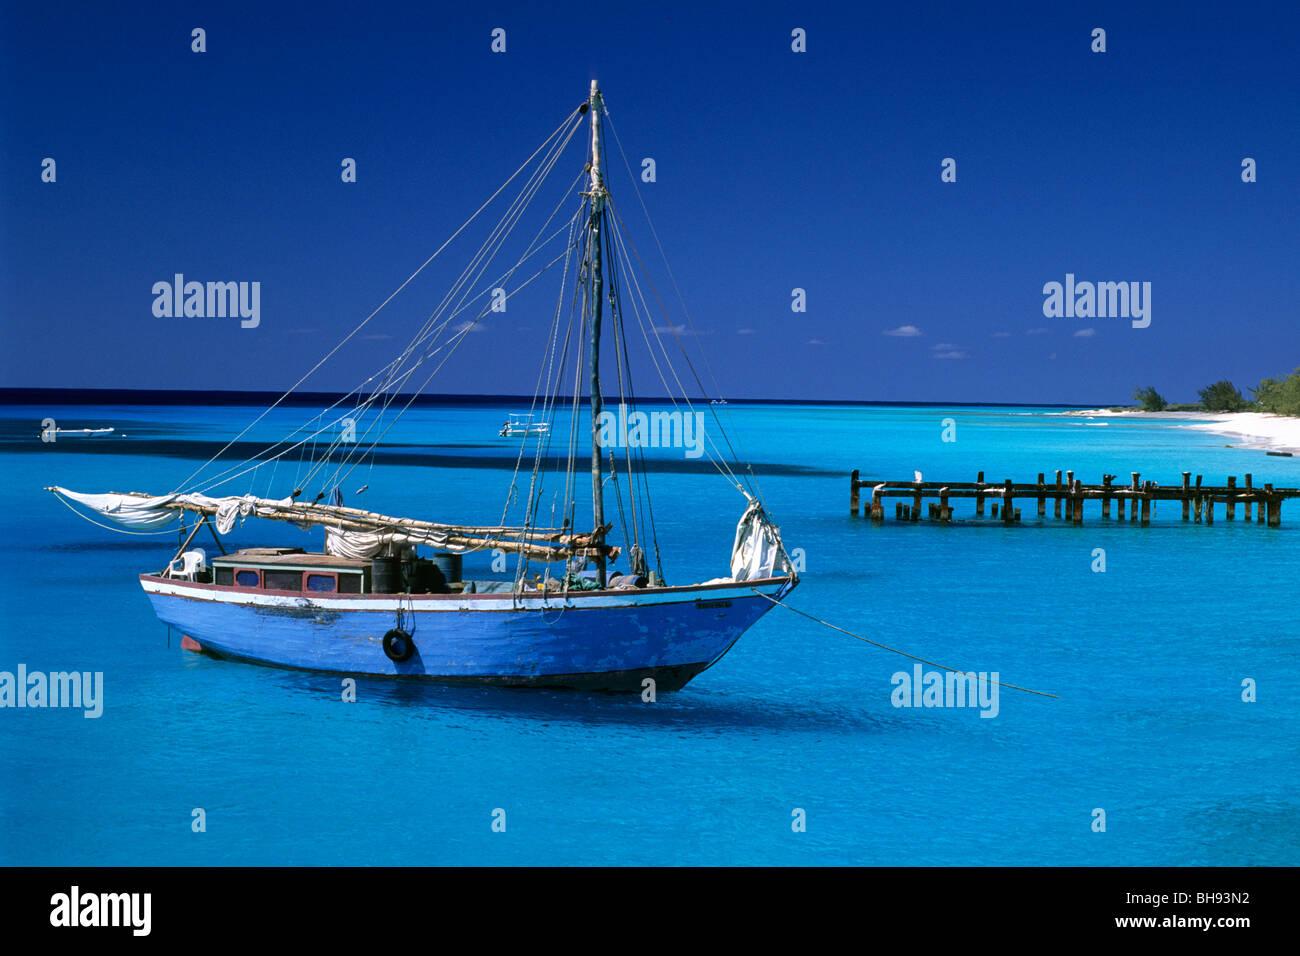 Bateau dans le lagon turquoise, Caraïbes, Iles Turques et Caïques Photo Stock